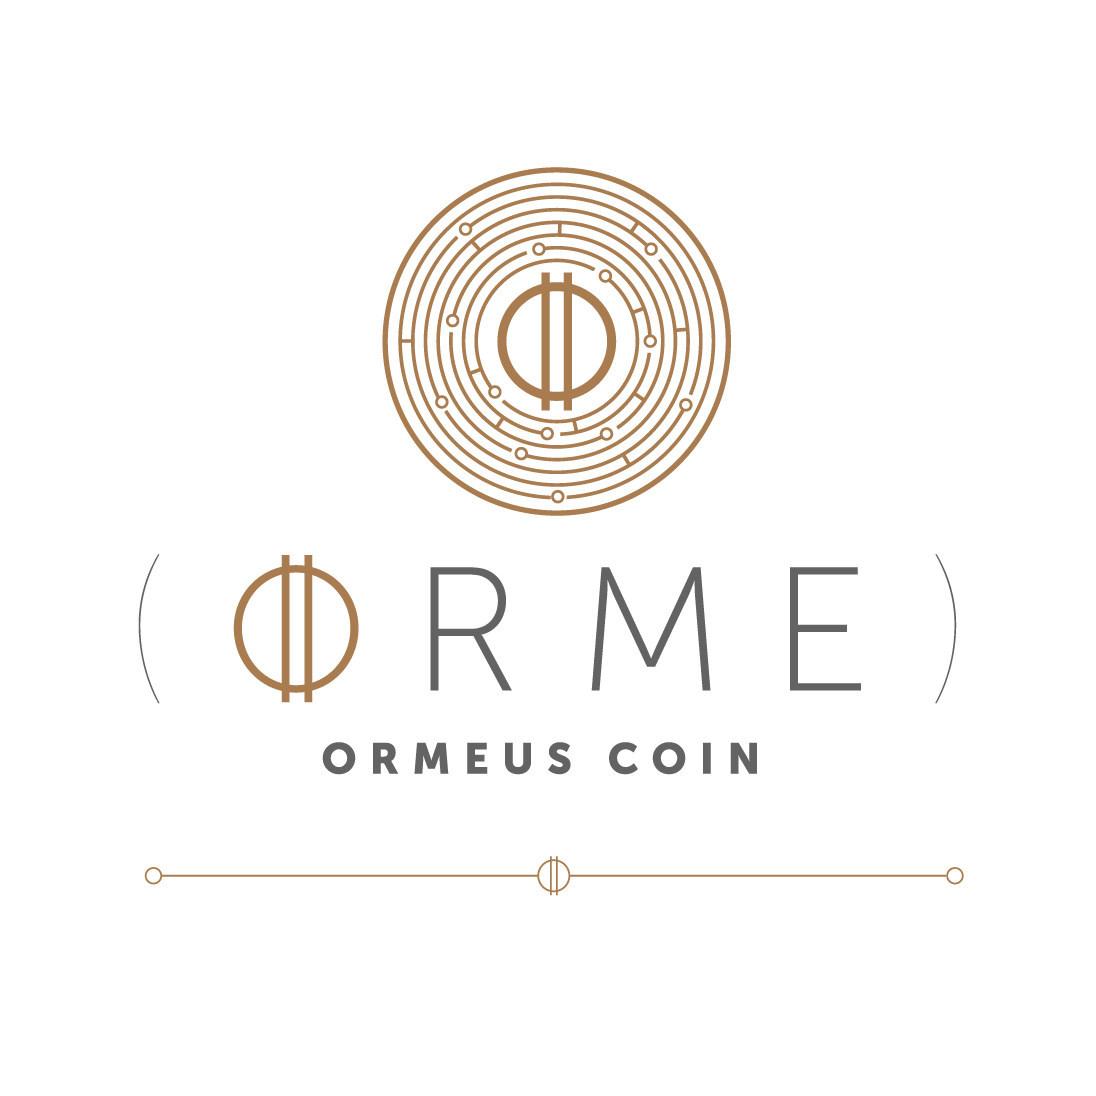 Ormeus Coin